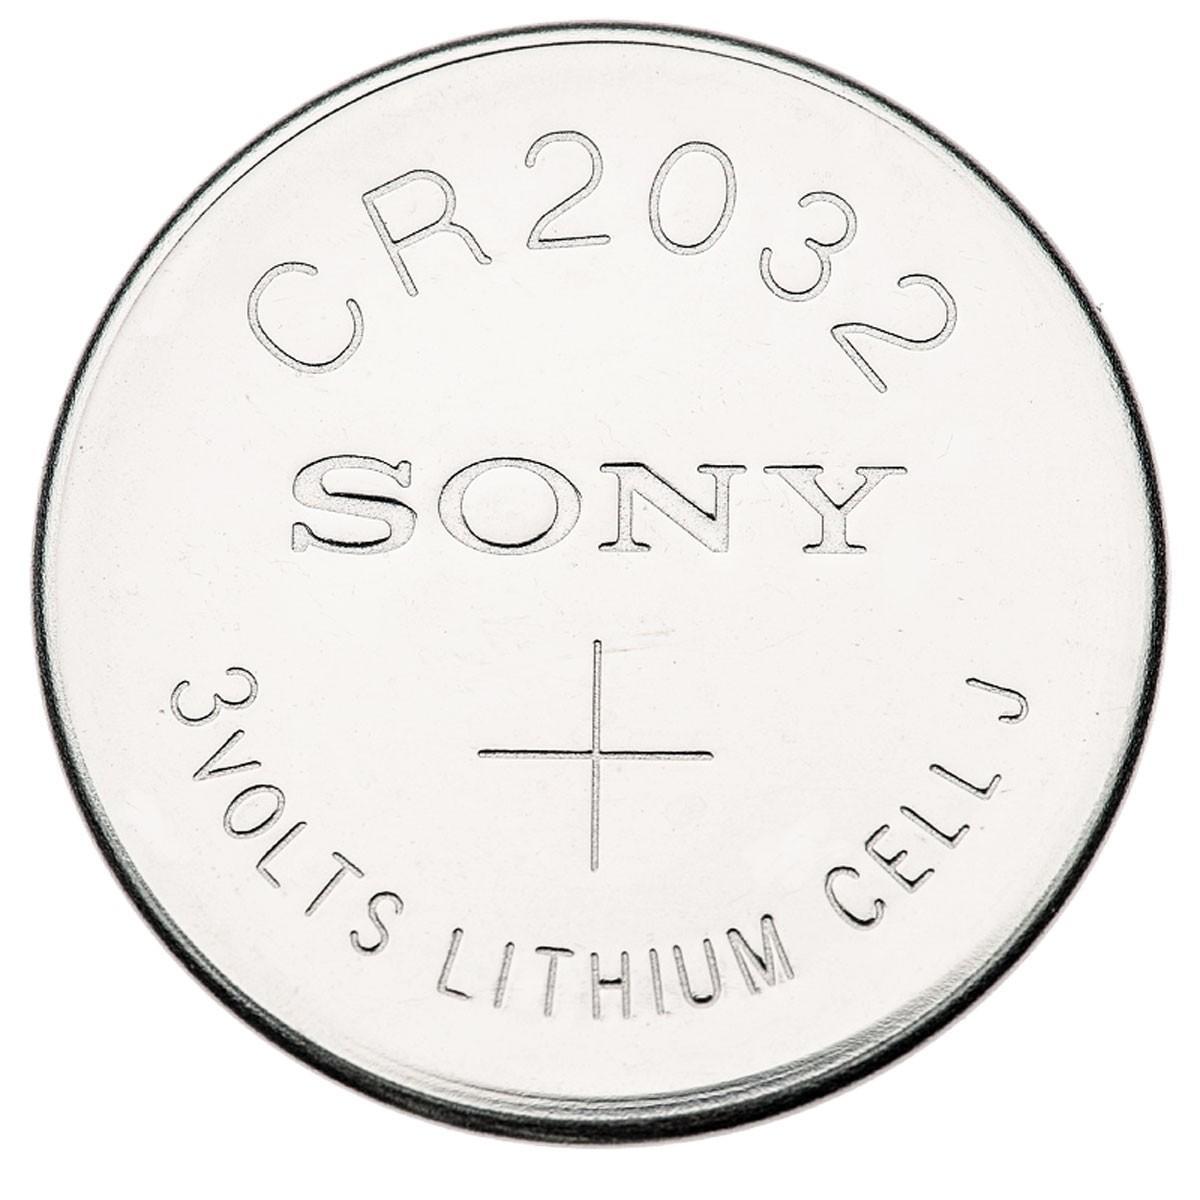 Baterias 1001390954 com um desconto - compre agora!